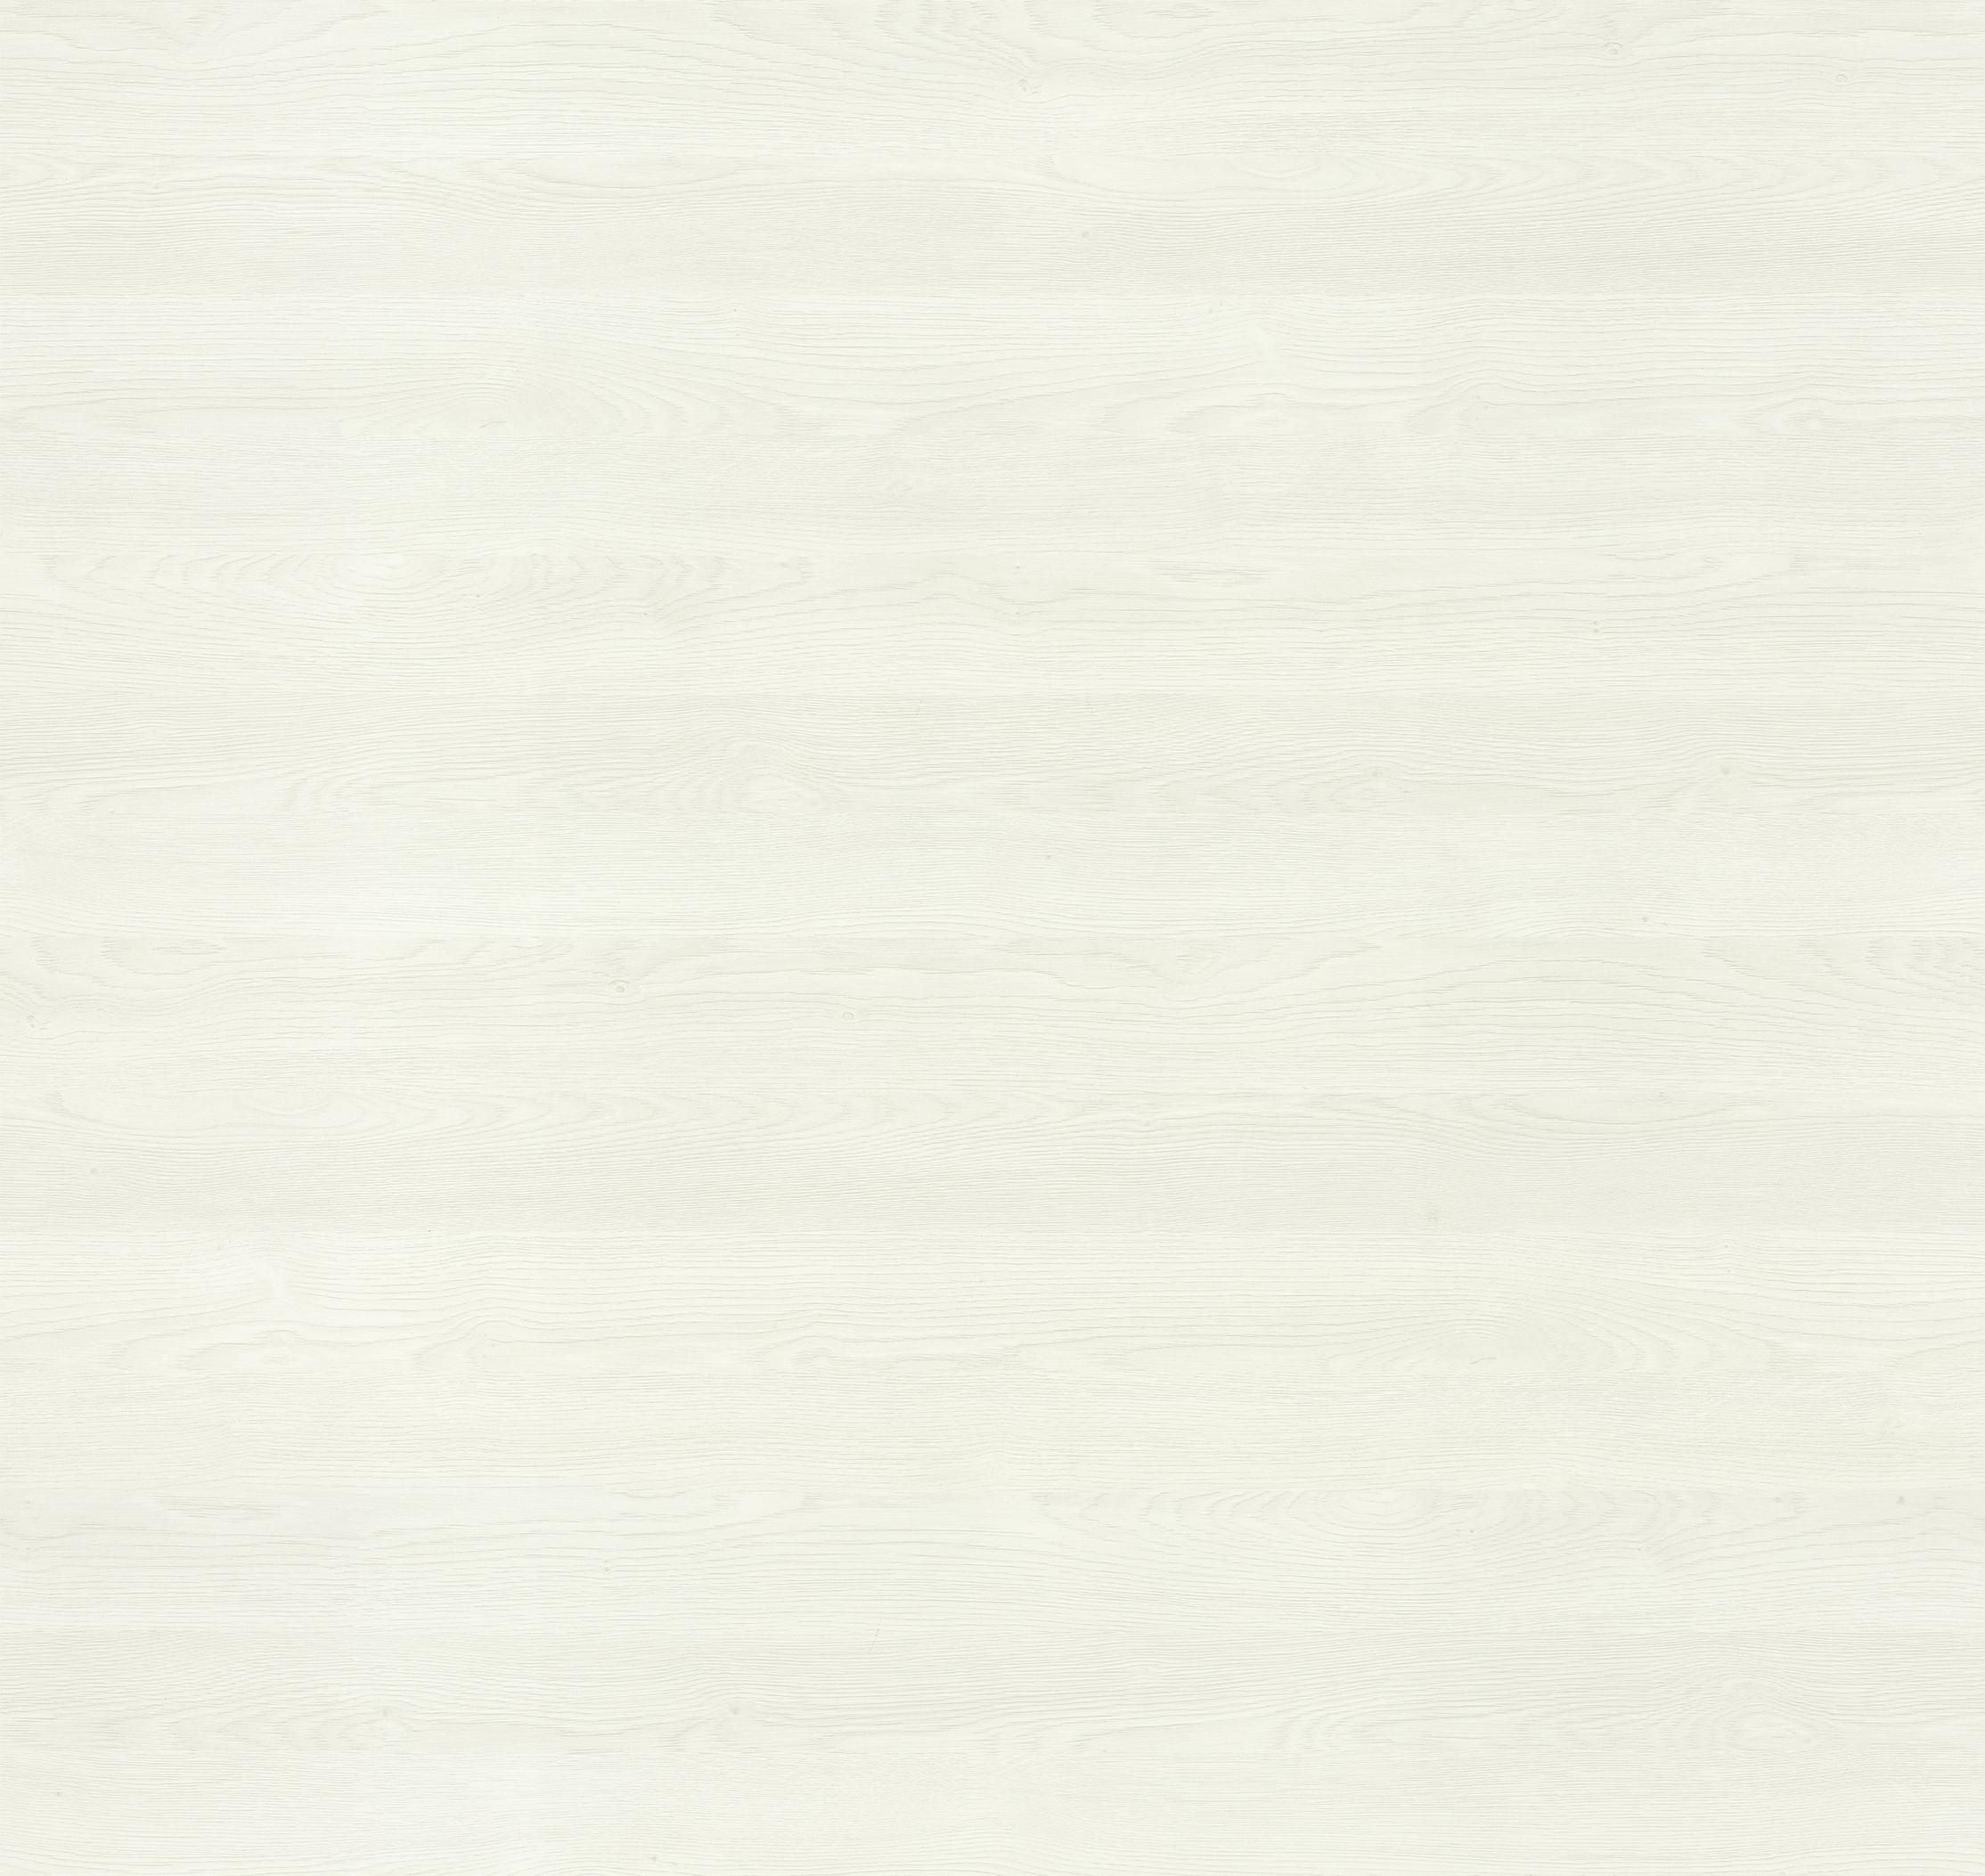 (1801) Eiche Weiß quer NB